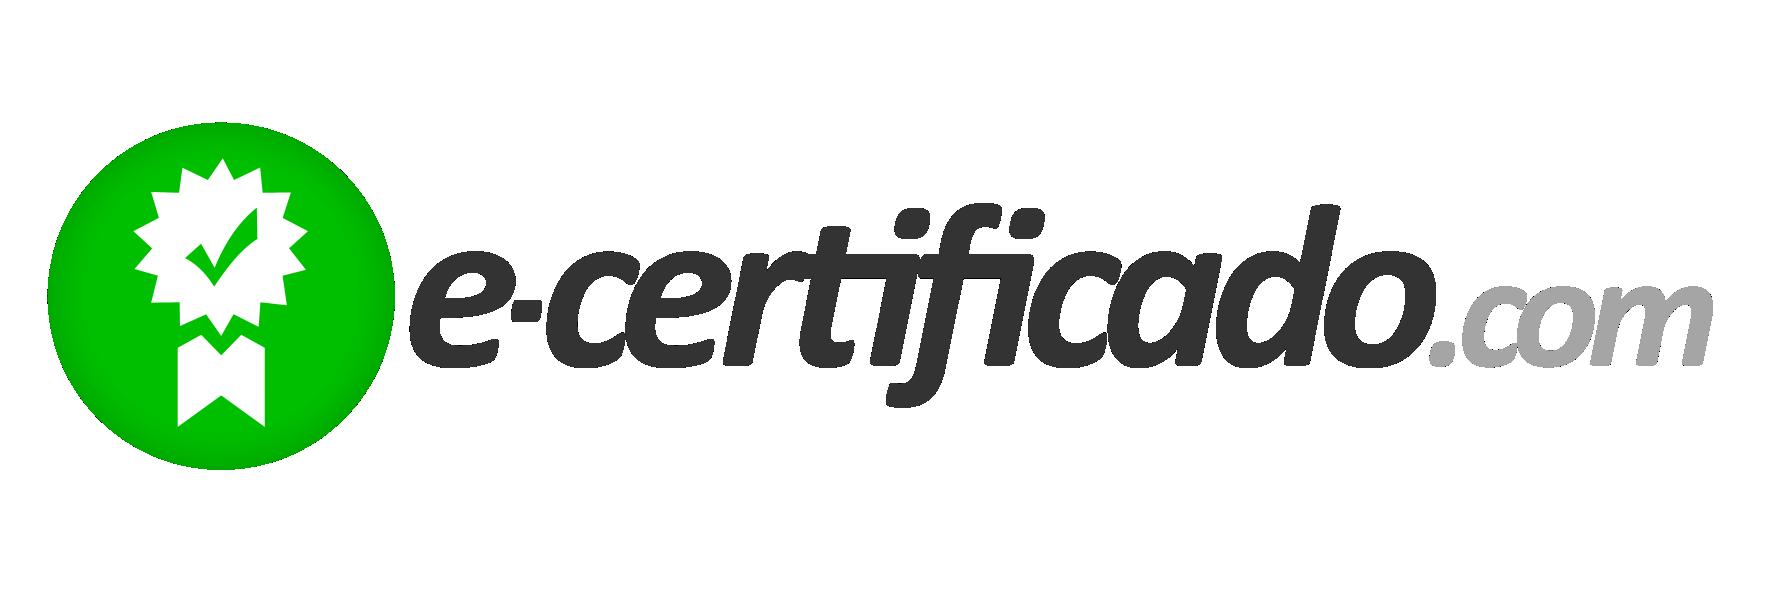 E-Certificado.com R